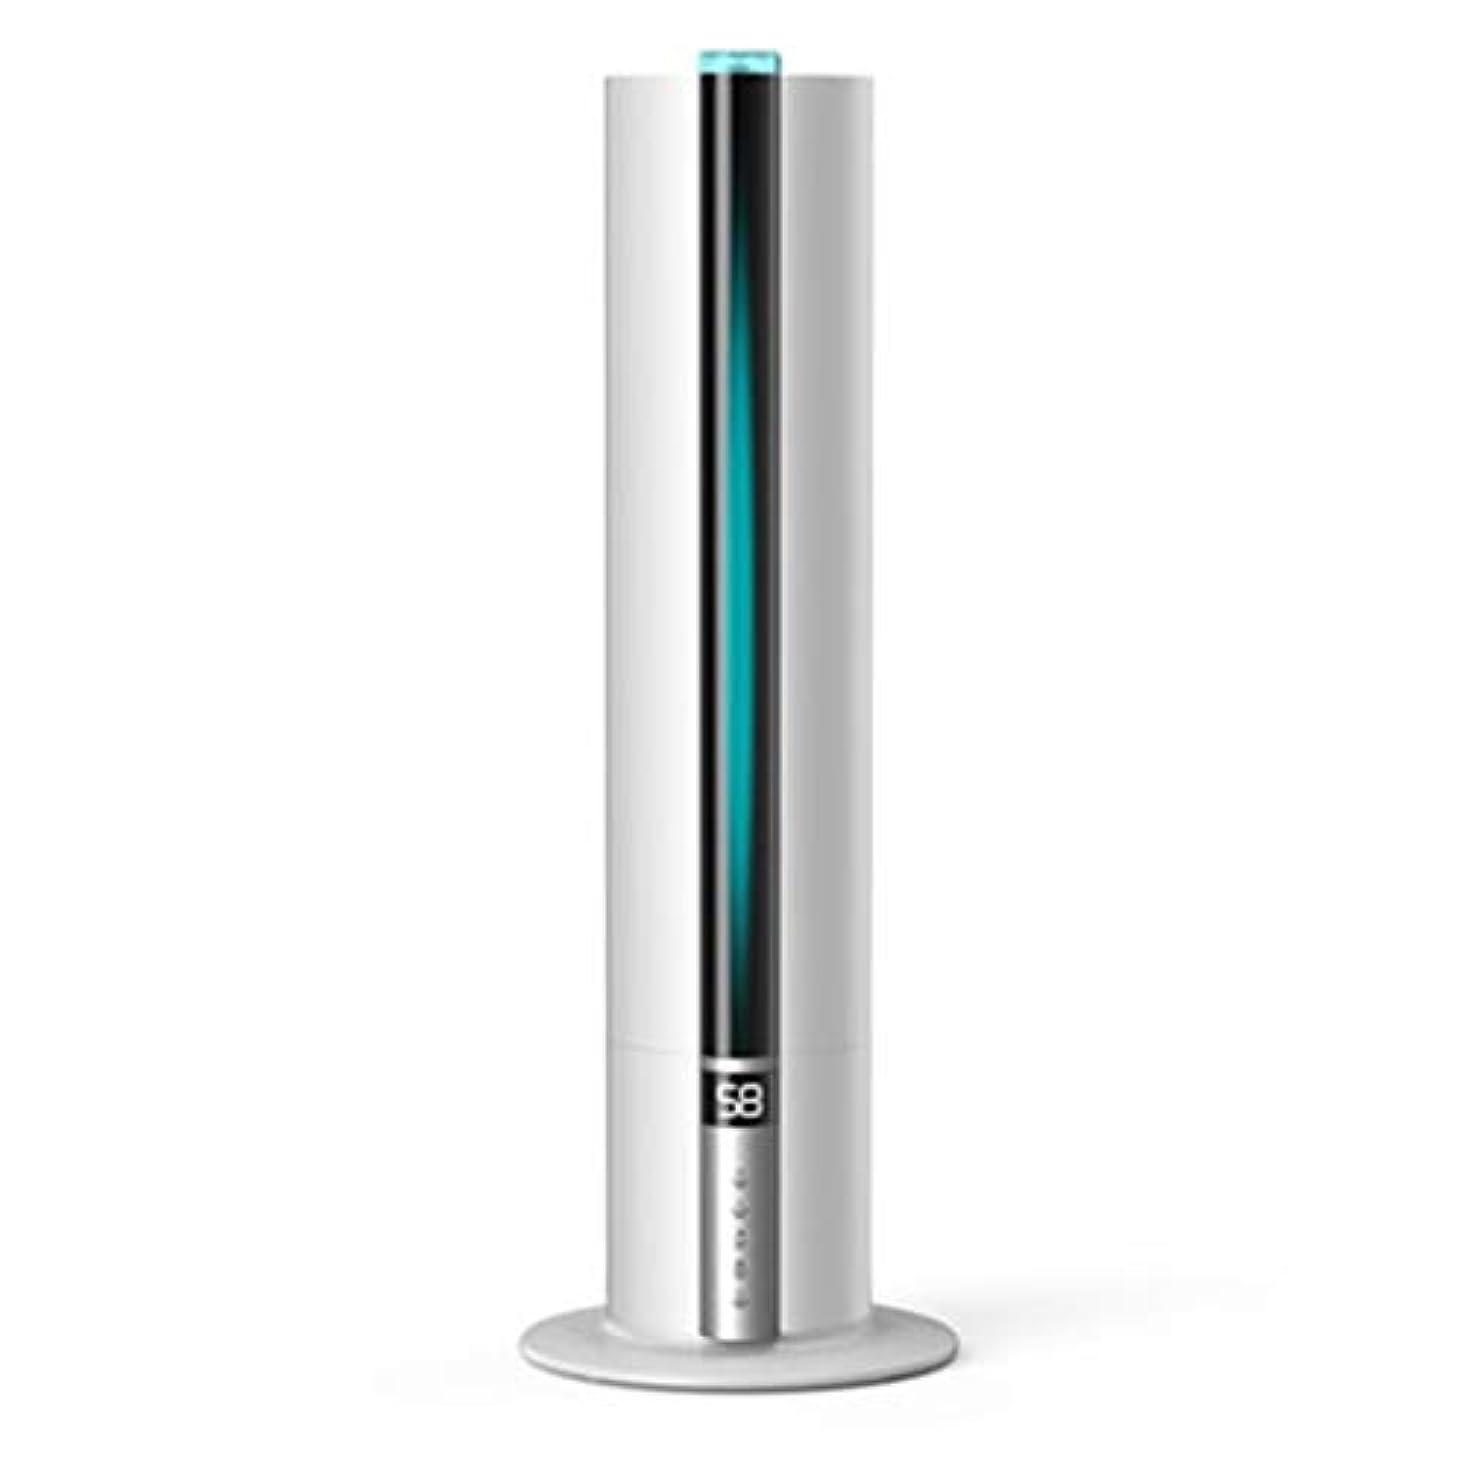 広範囲マダム火薬超音波クールミスト加湿器7.5L超静音インテリジェント純恒湿、ウォーターレスオートオフ超静音(色:黒) (Color : White)